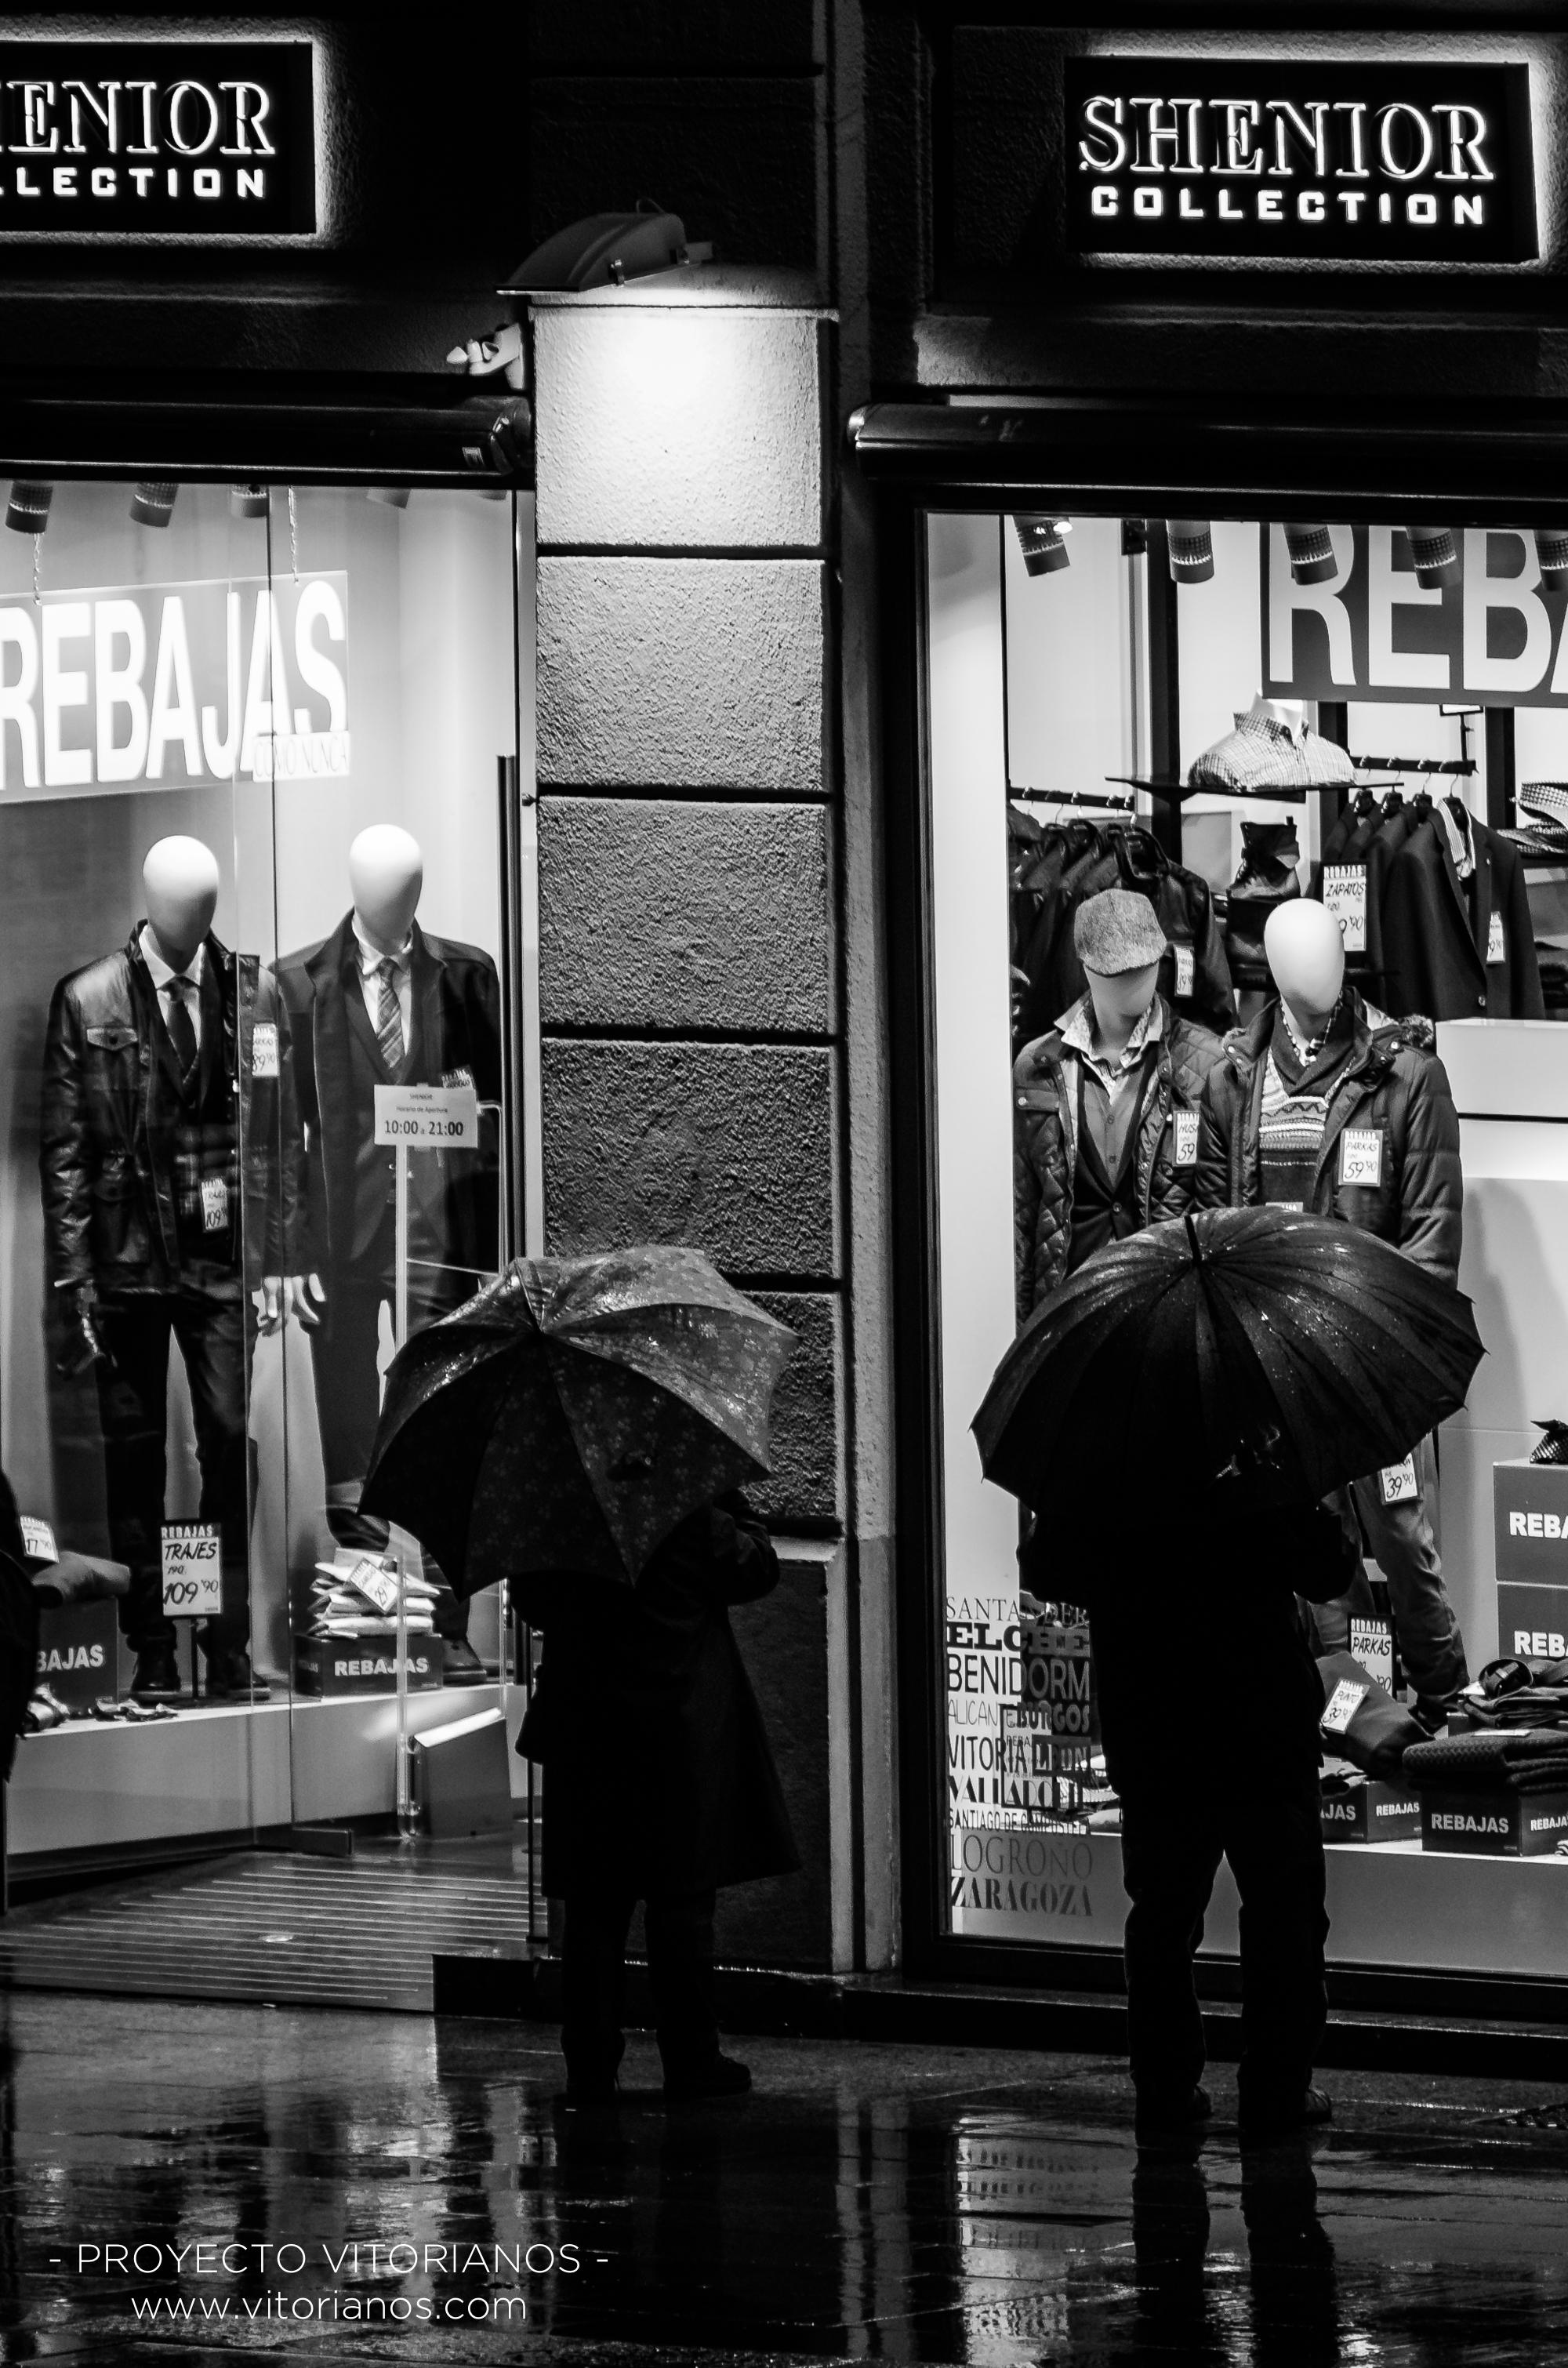 Rebajas en la lluvia - Foto: Ainhoa Valenciano